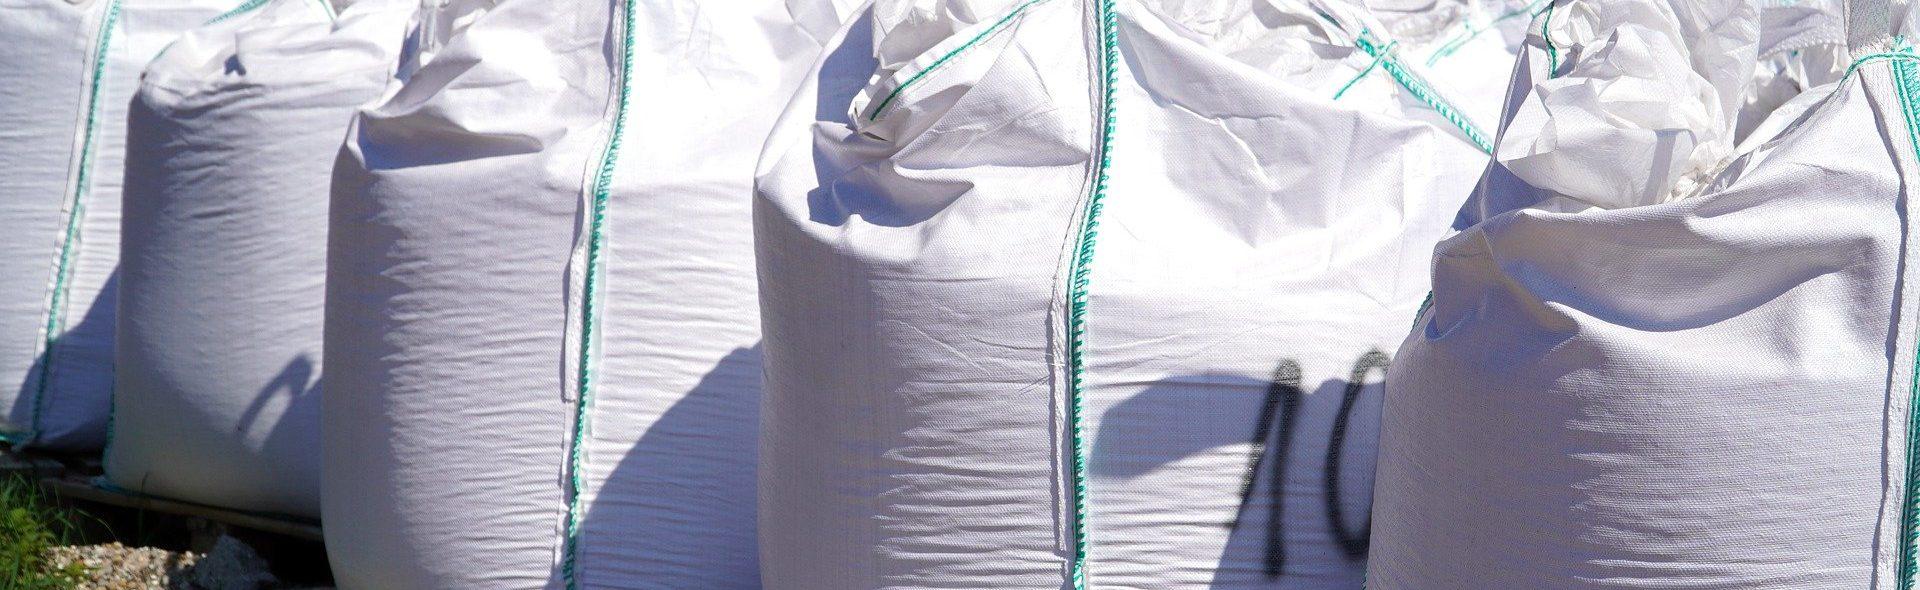 Le Big Bag De Sable Poids Et Prix Tout Sur Le Beton